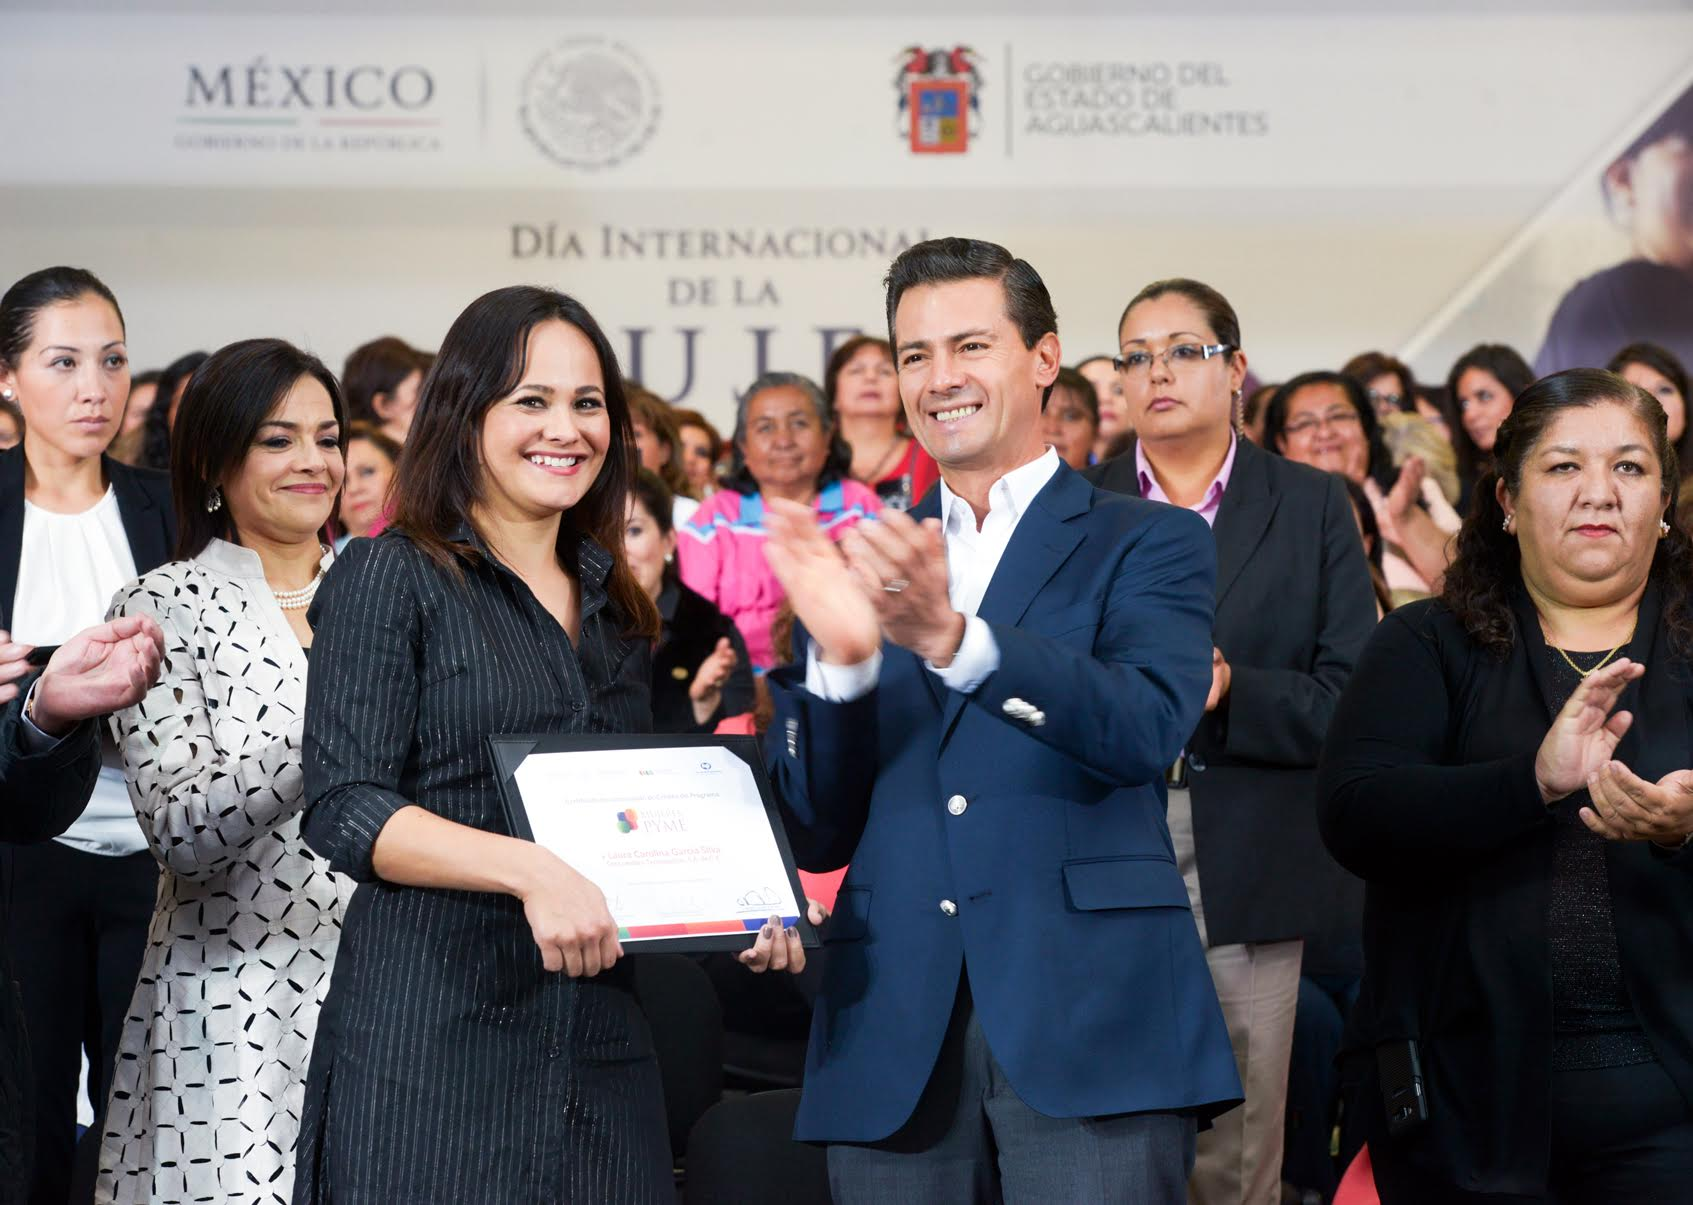 El Primer Mandatario encabezó la conmemoración del Día Internacional de la Mujer.